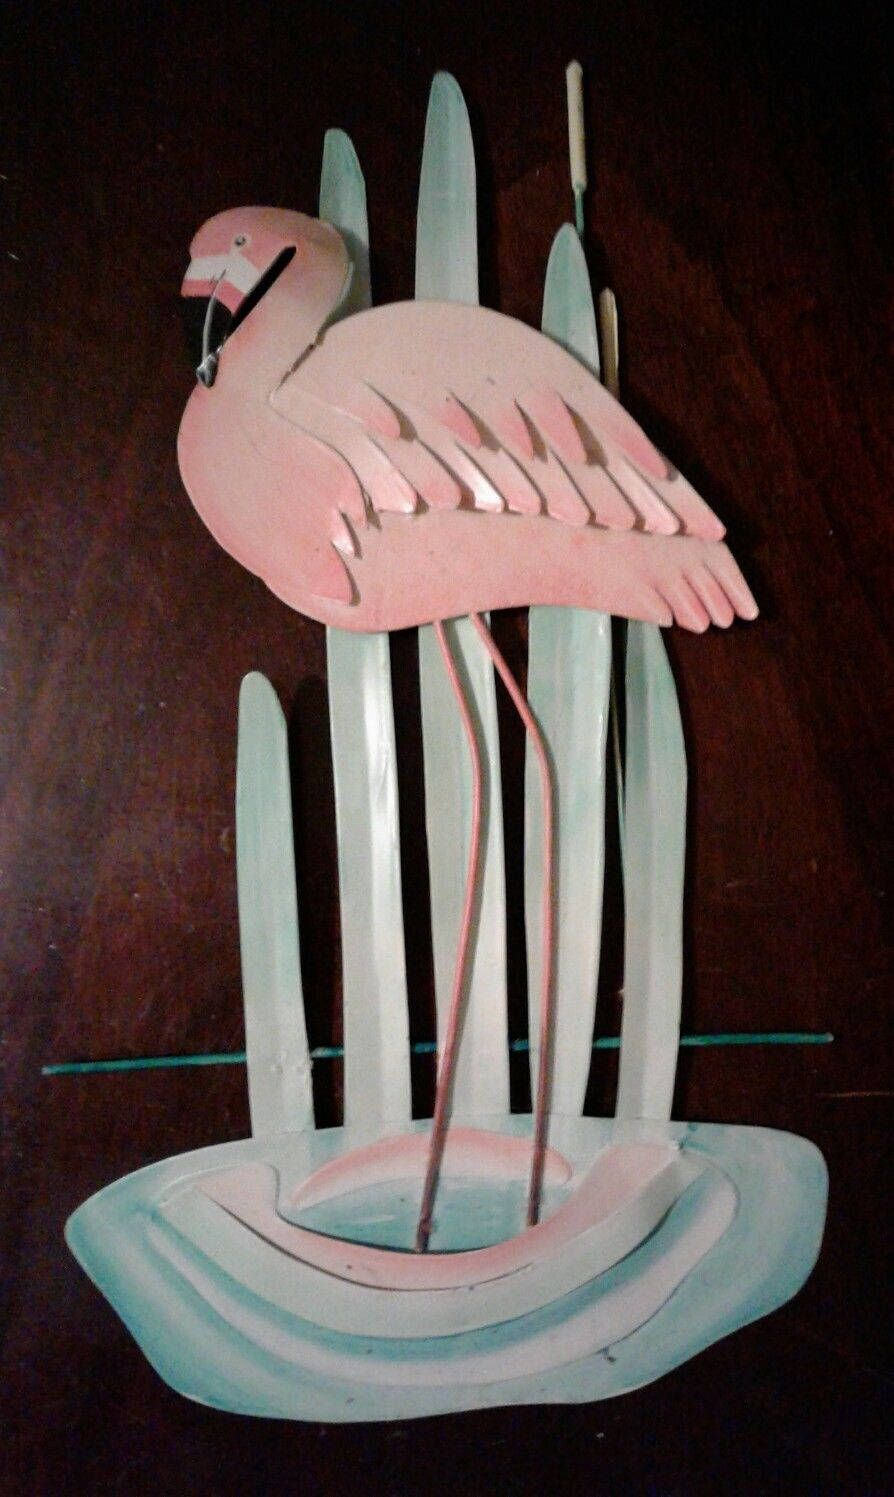 Metal 3d Pink Flamingo Wall Art Handmade Tropical Beach Fl Home Decor Picture Vtg Sculpture Outdoor Indoor T Flamingo Wall Art 3d Metal Wall Art Metal Wall Art